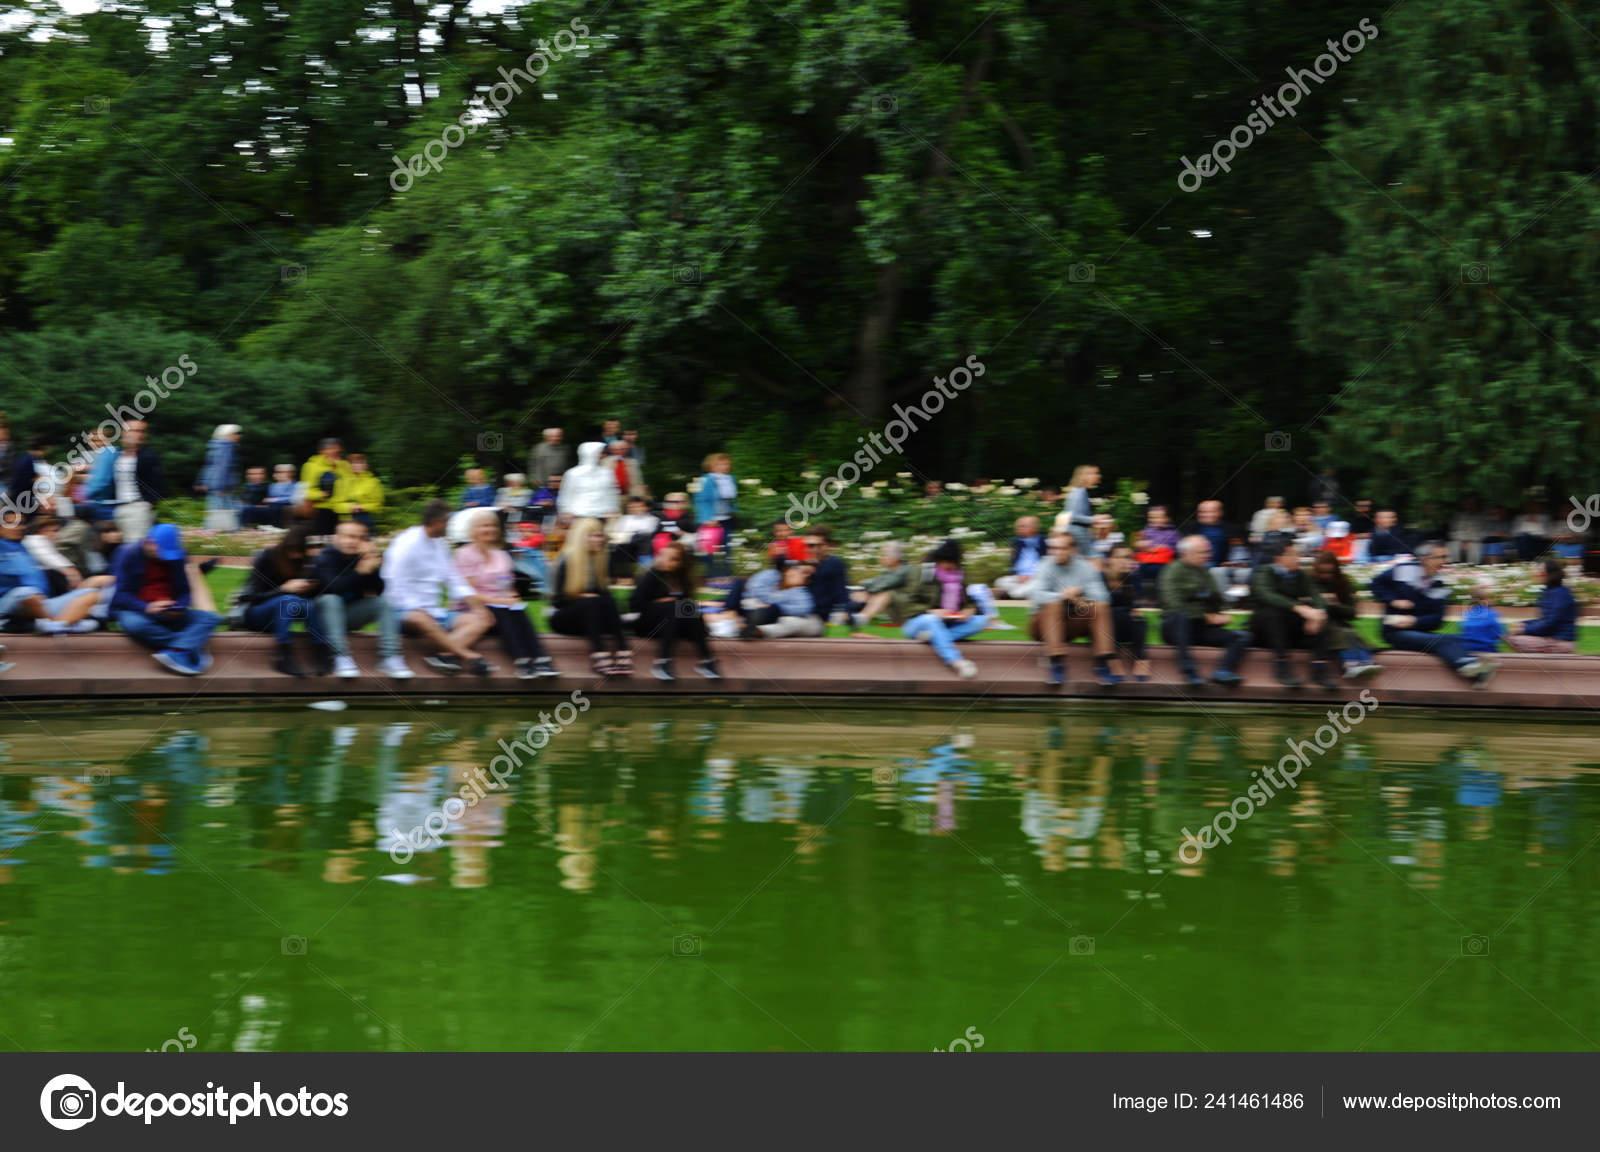 Unrecognizable People Concerts Royal Lazienki Park Warsaw